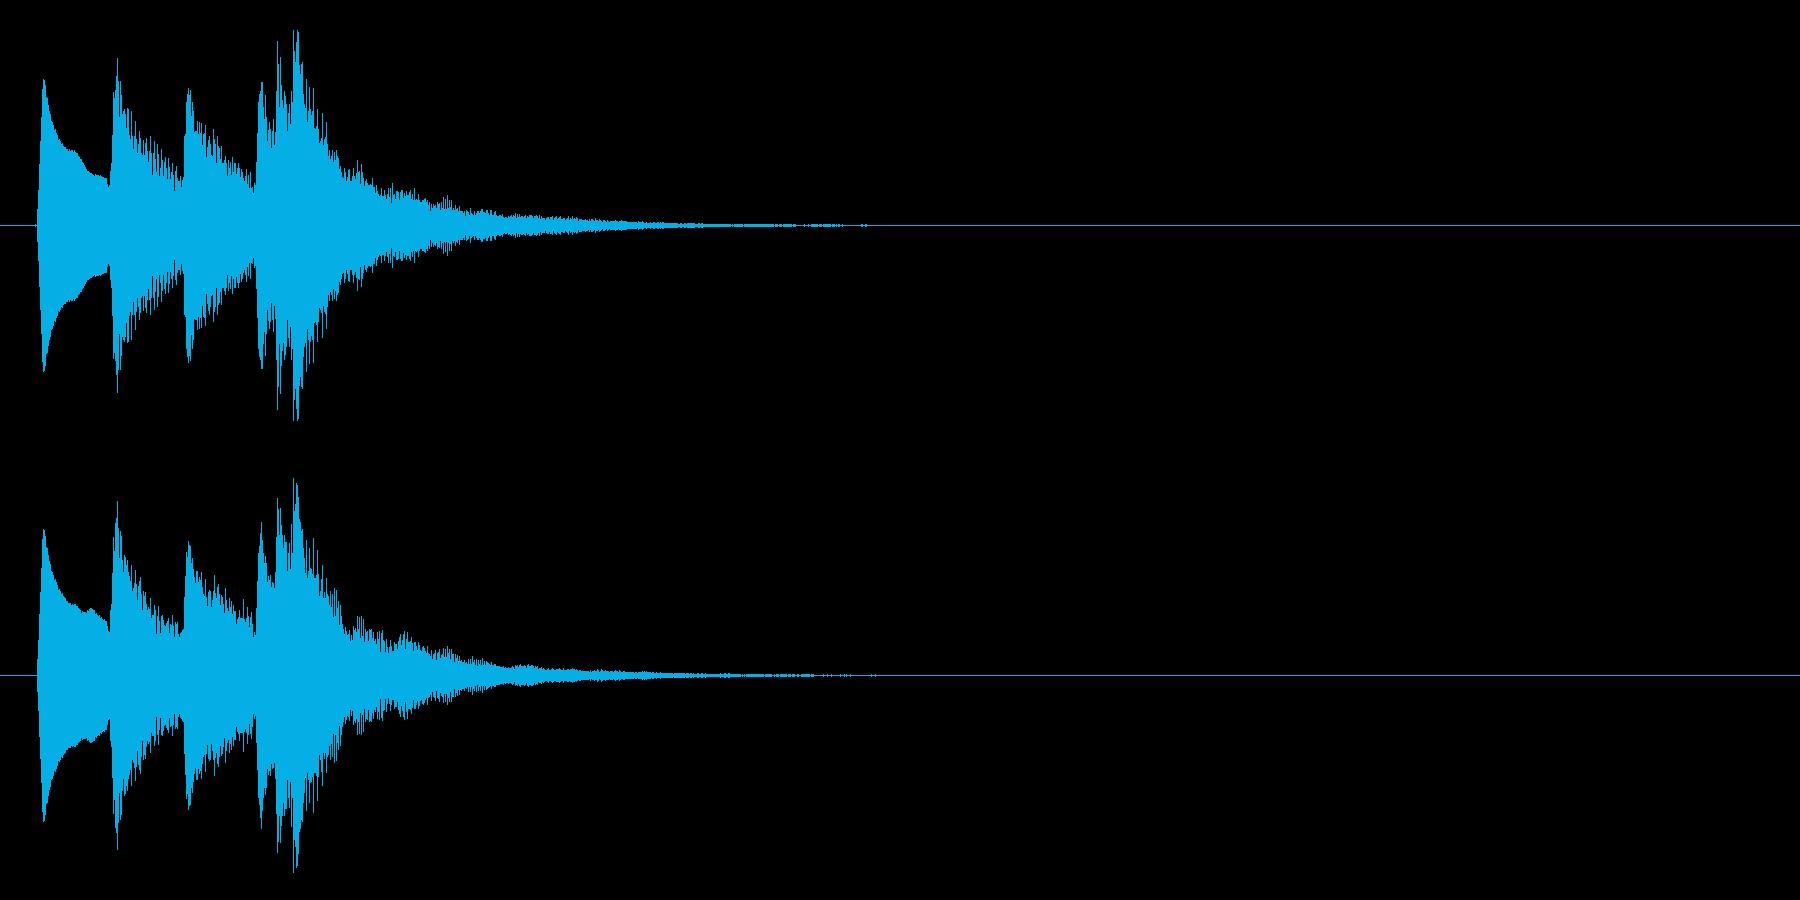 セーブ音(タララン↑、記録、ゲーム)の再生済みの波形